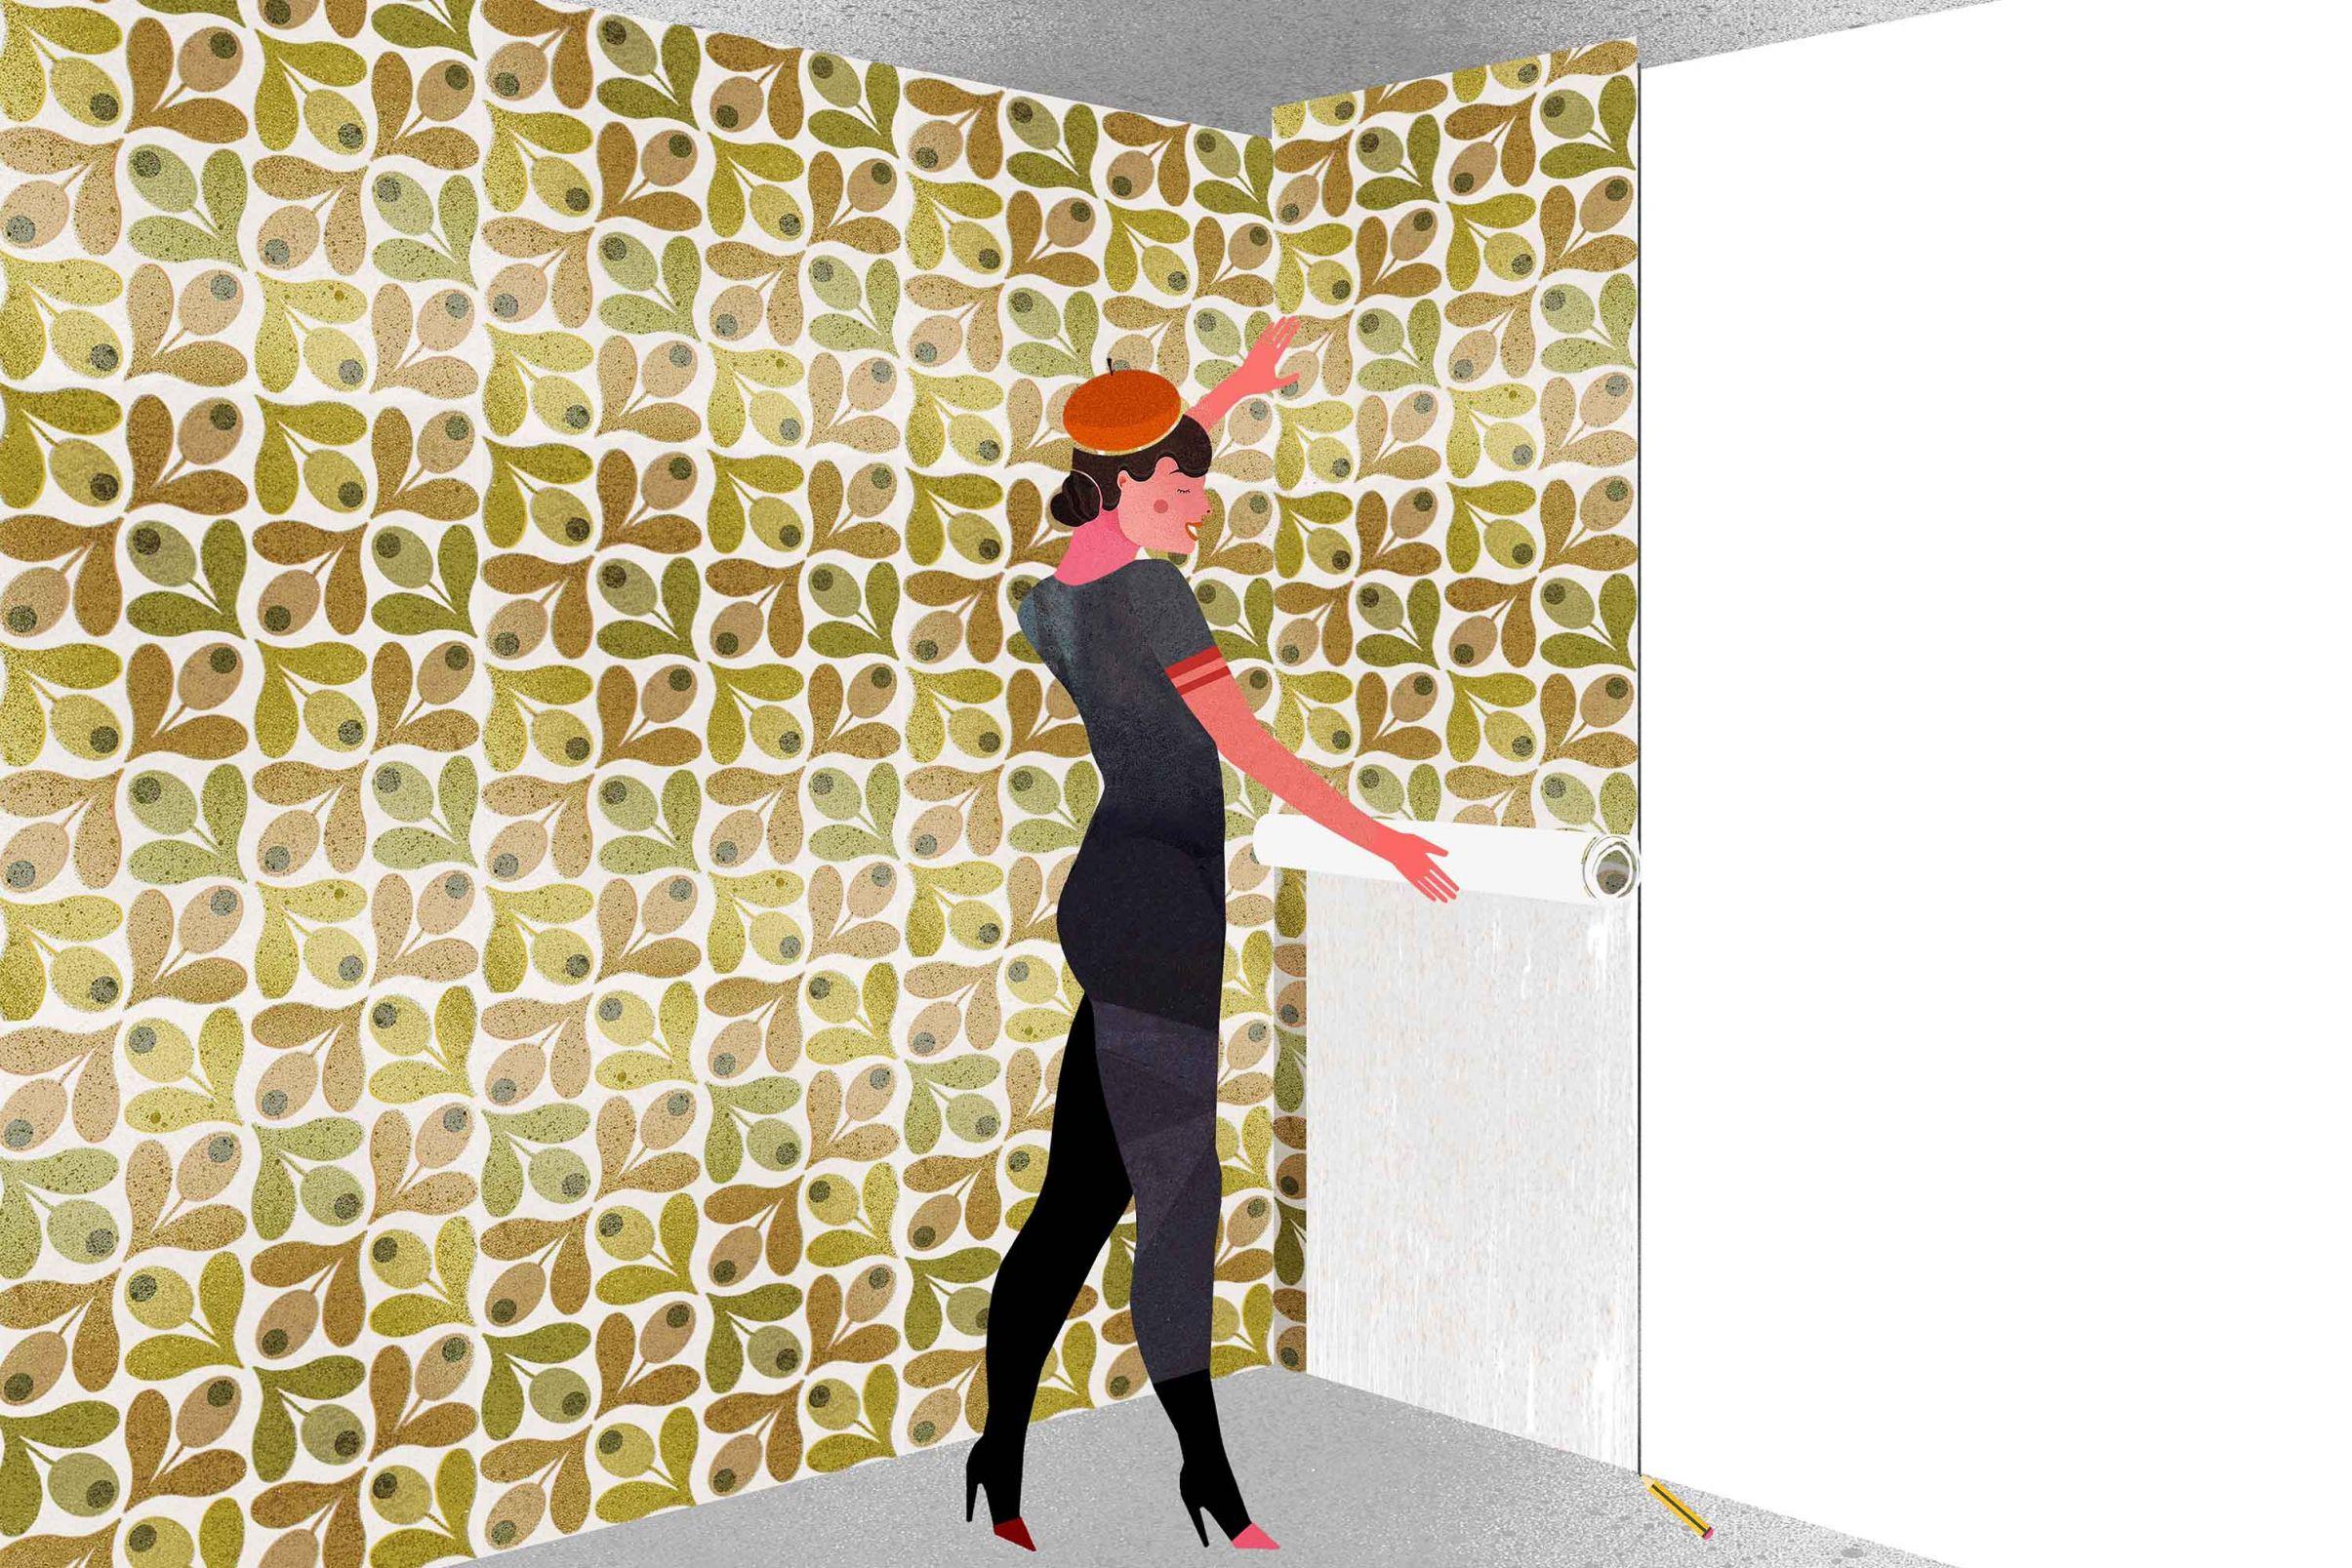 Como-colocar-papel-de-parede-em-cantos-Colocar-uma-nova-faixa-com-sobra